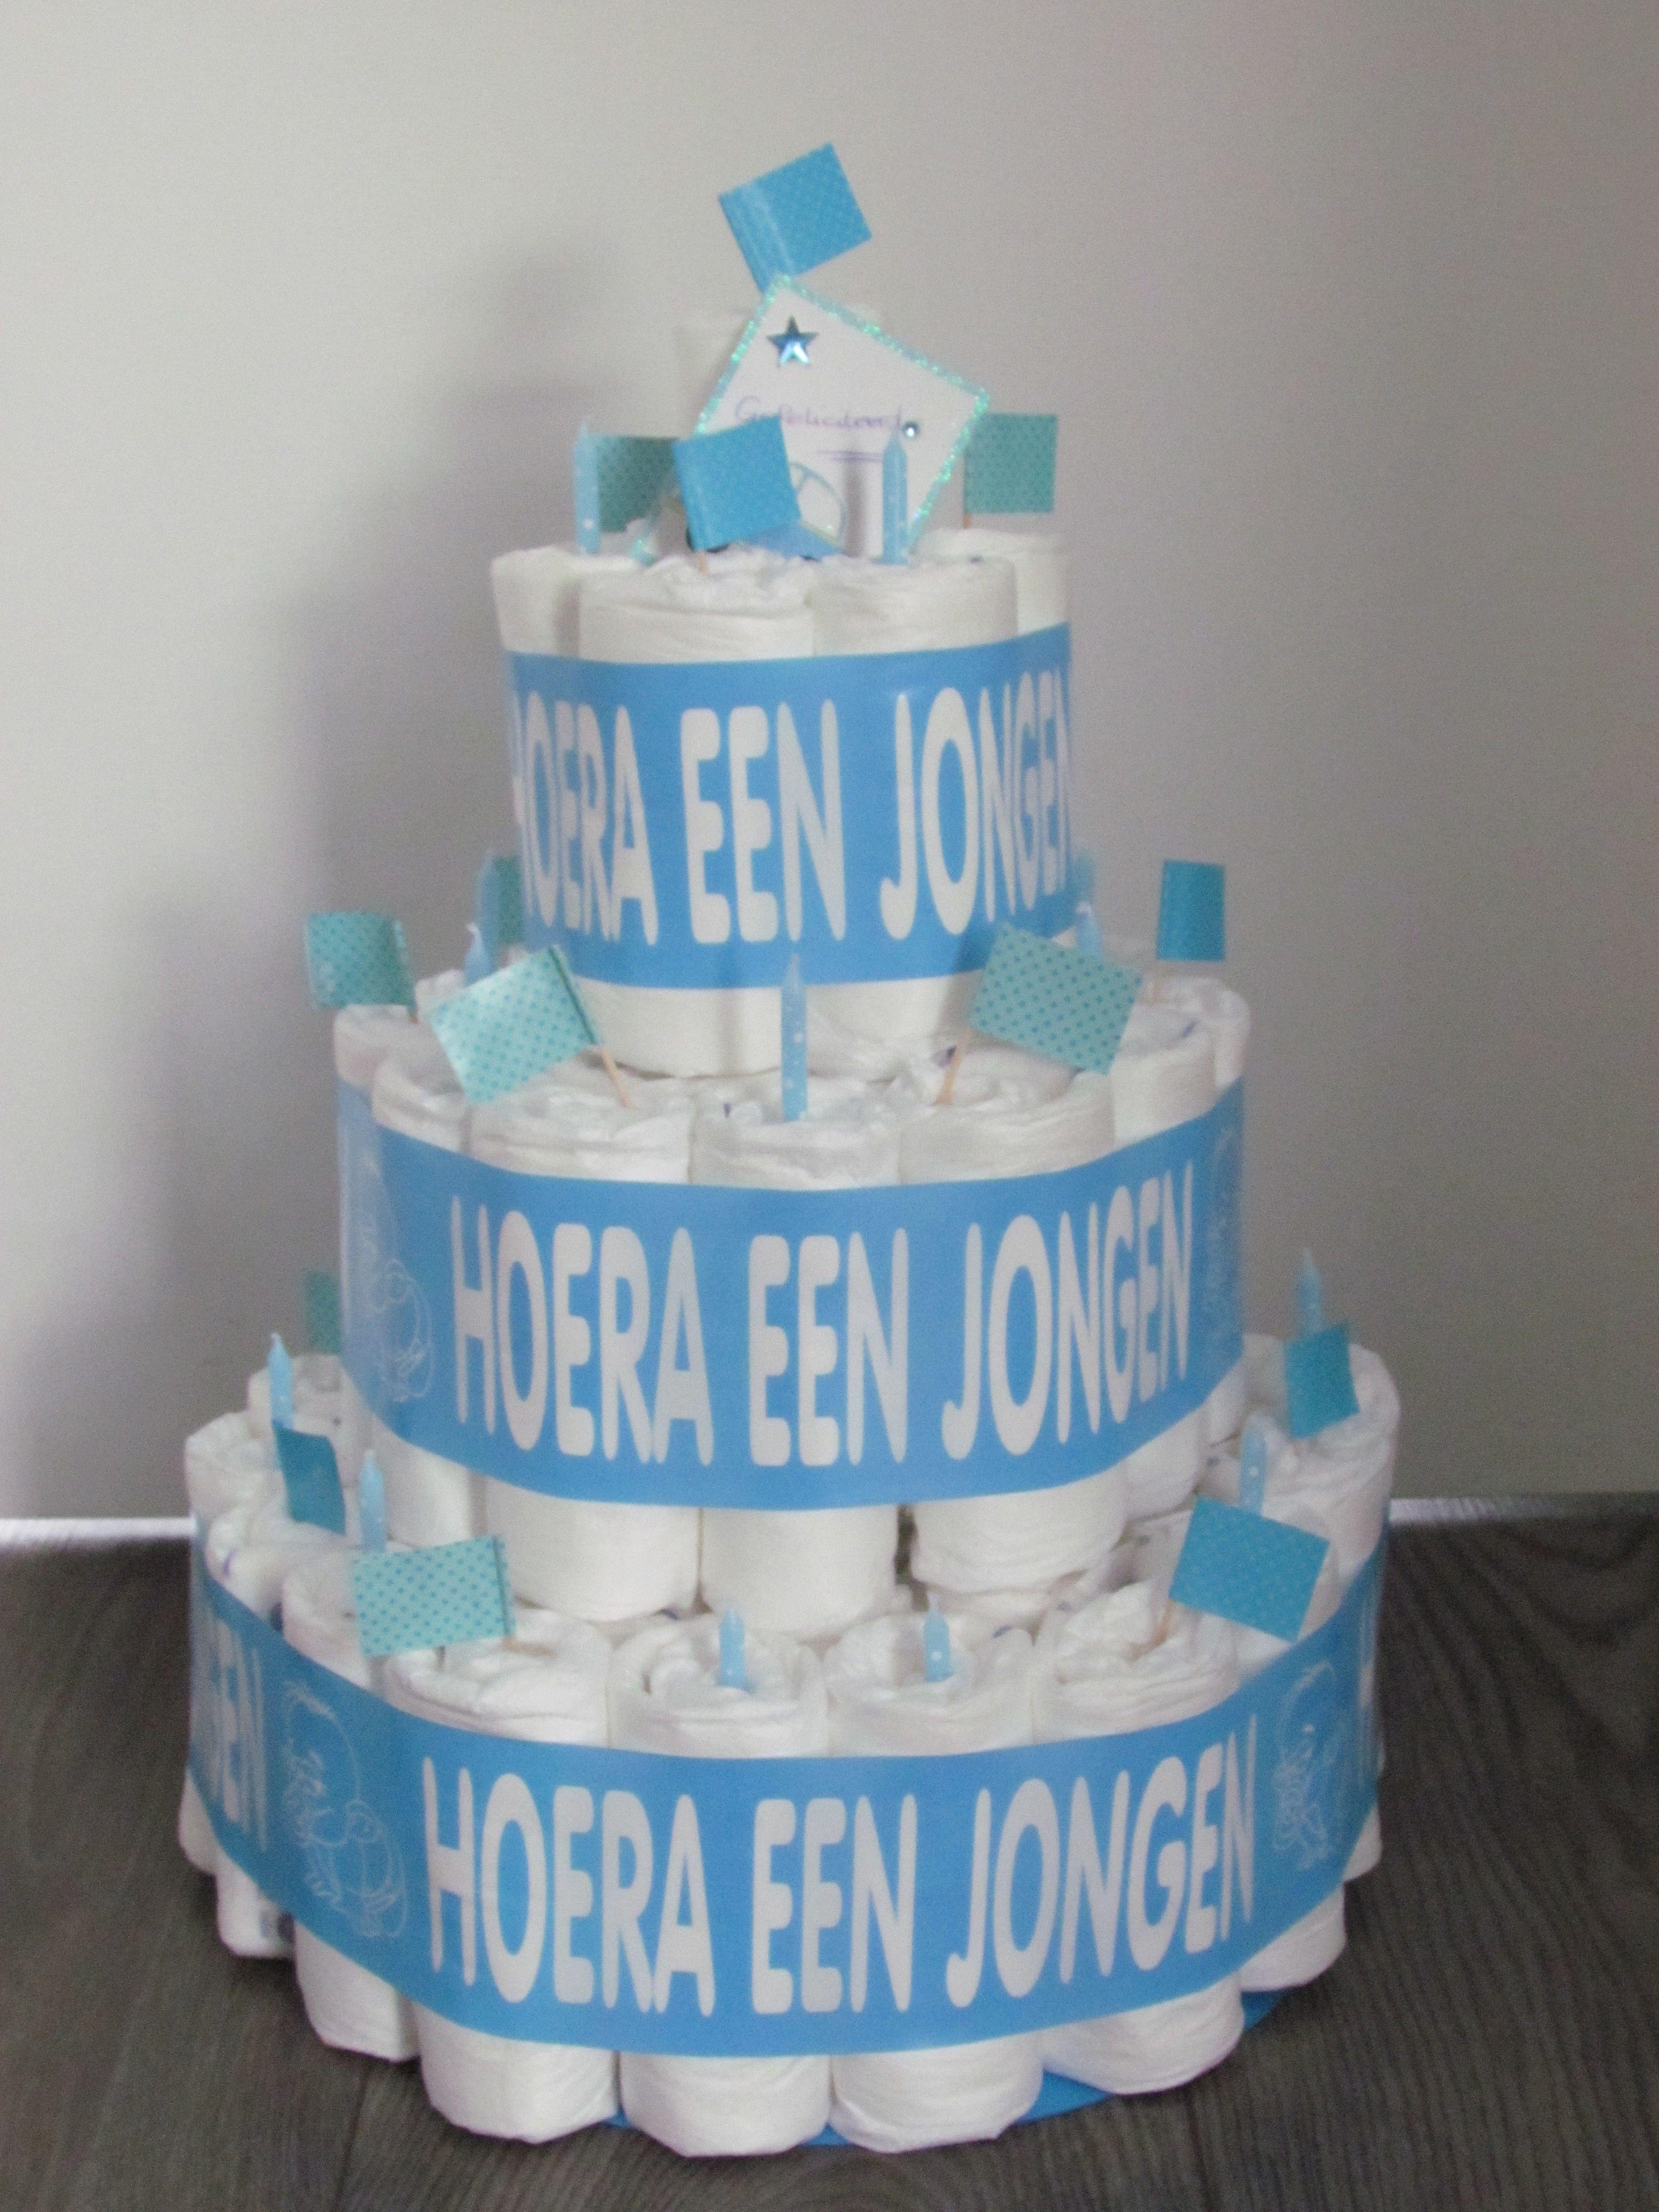 Luiertaart Hoera een Jongen  Te koop op www.luiertaartkopen.nl